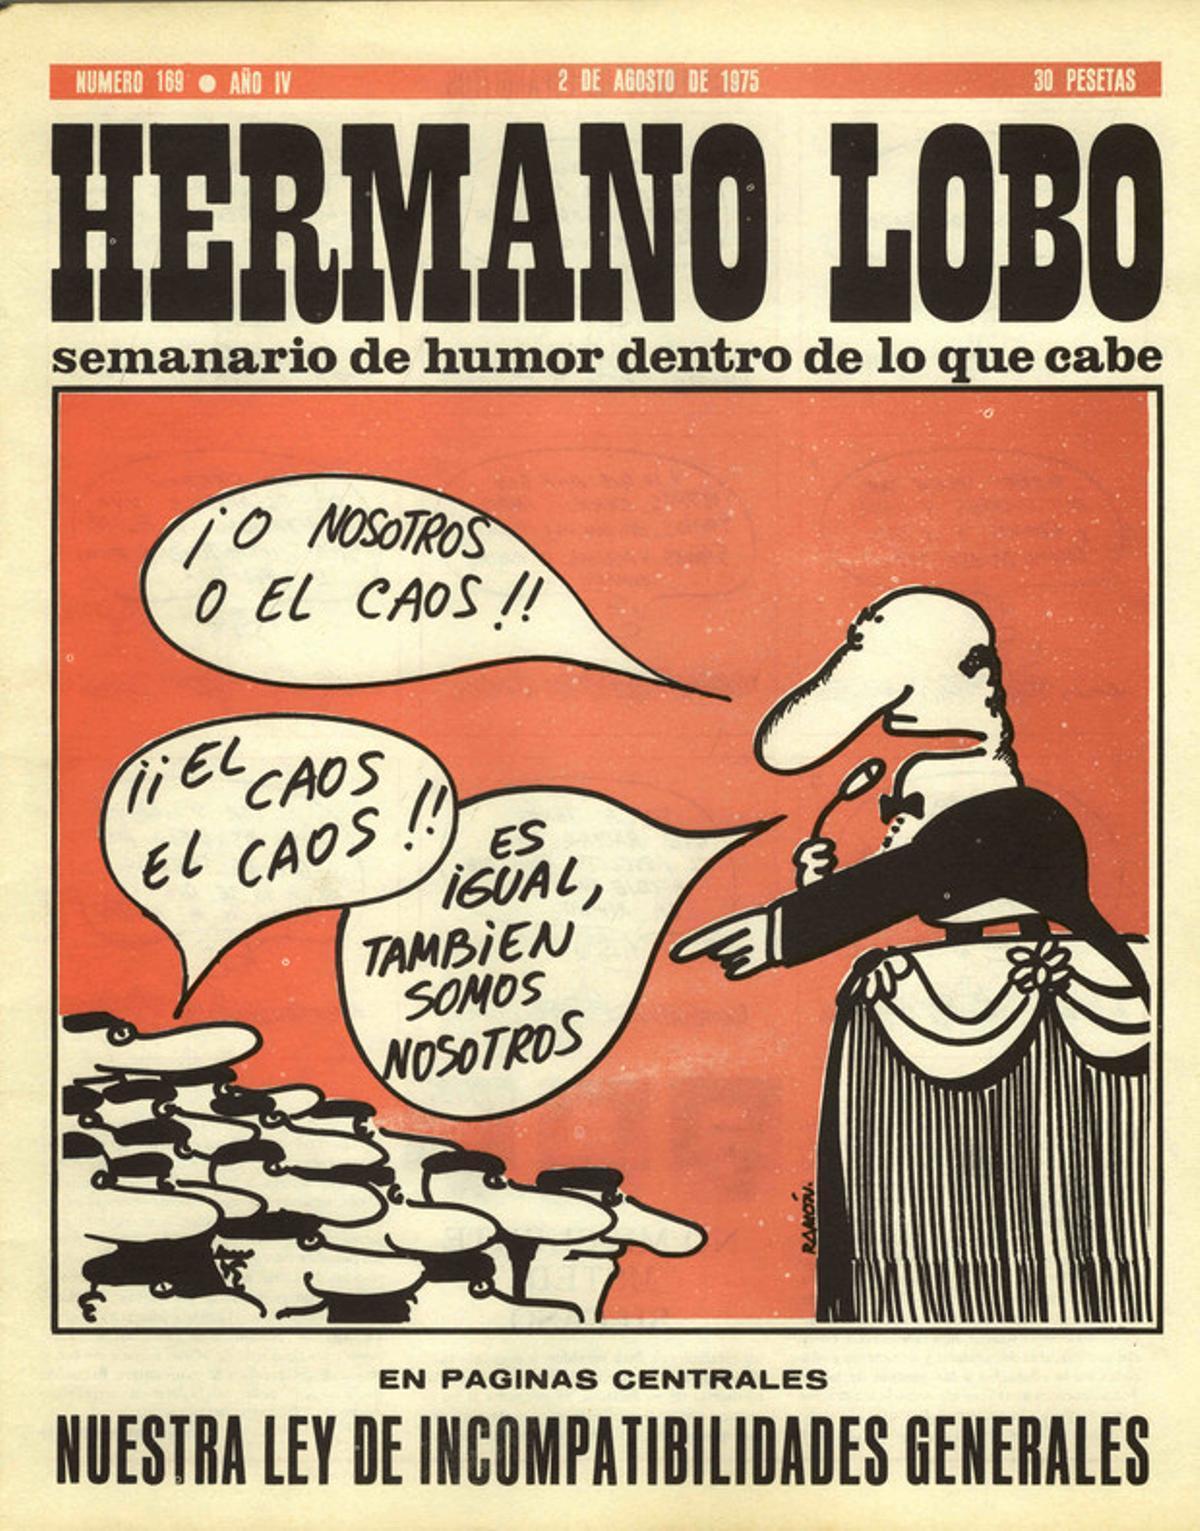 """El error de Pedro Sánchez: el """"Yo o el caos"""" no es de El Roto, sino de 'Hermano Lobo'"""